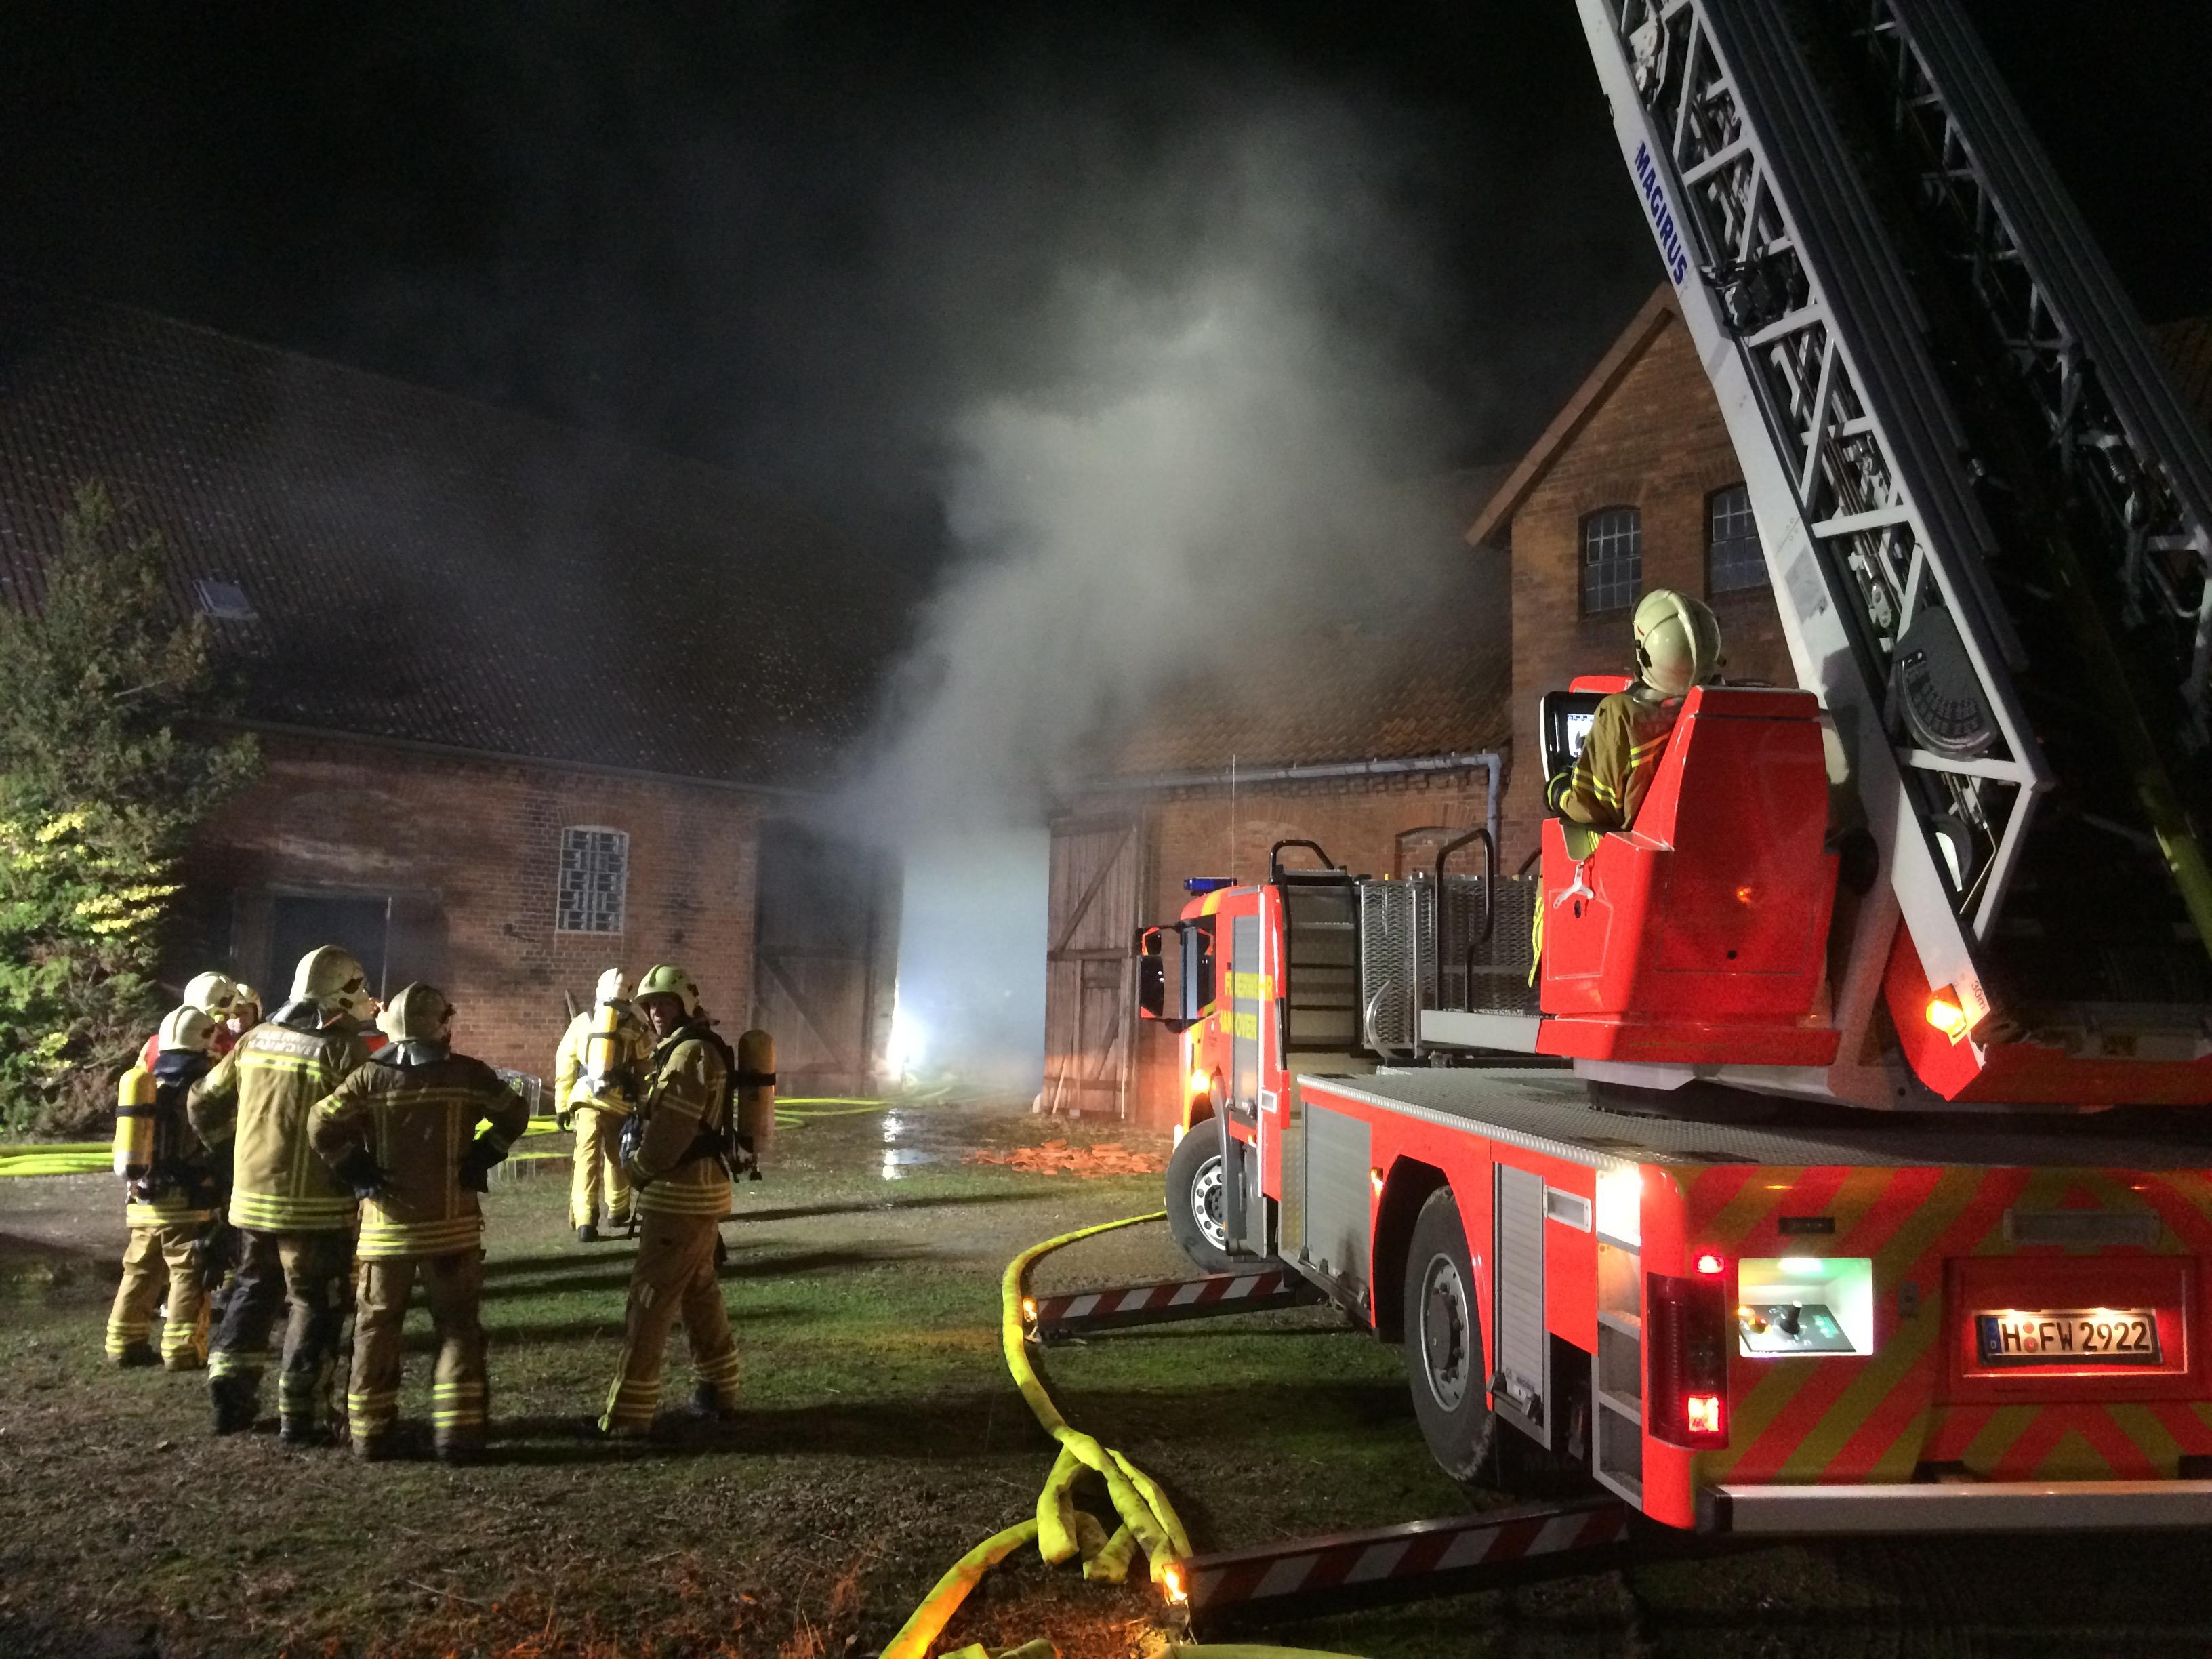 Ein ausgedehnter Brand in einem ehemaligen landwirtschaftlichen Gehöft hat die Feuerwehr Hannover in der Nacht zum Mittwoch stark gefordert.